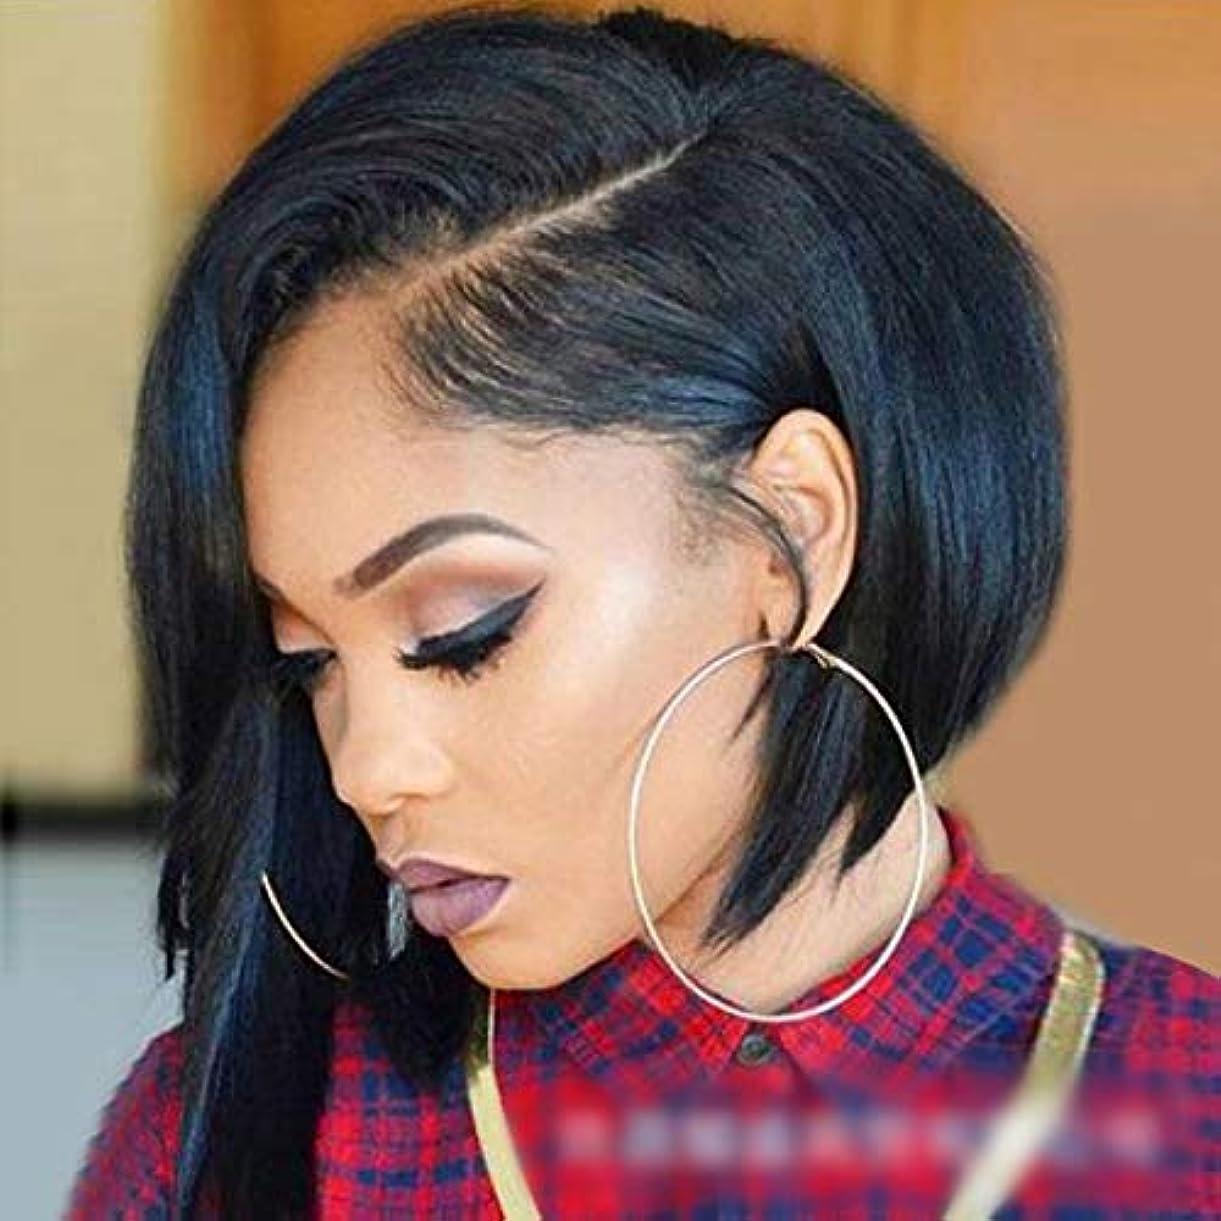 ビンイブニング中WASAIO 女性用シルケンアンコイルドショートヘアサイドパーツウィッグアクセサリースタイル交換用ナチュラル見るレースフロント100%リアルヒューマンハーフ (色 : 黒)